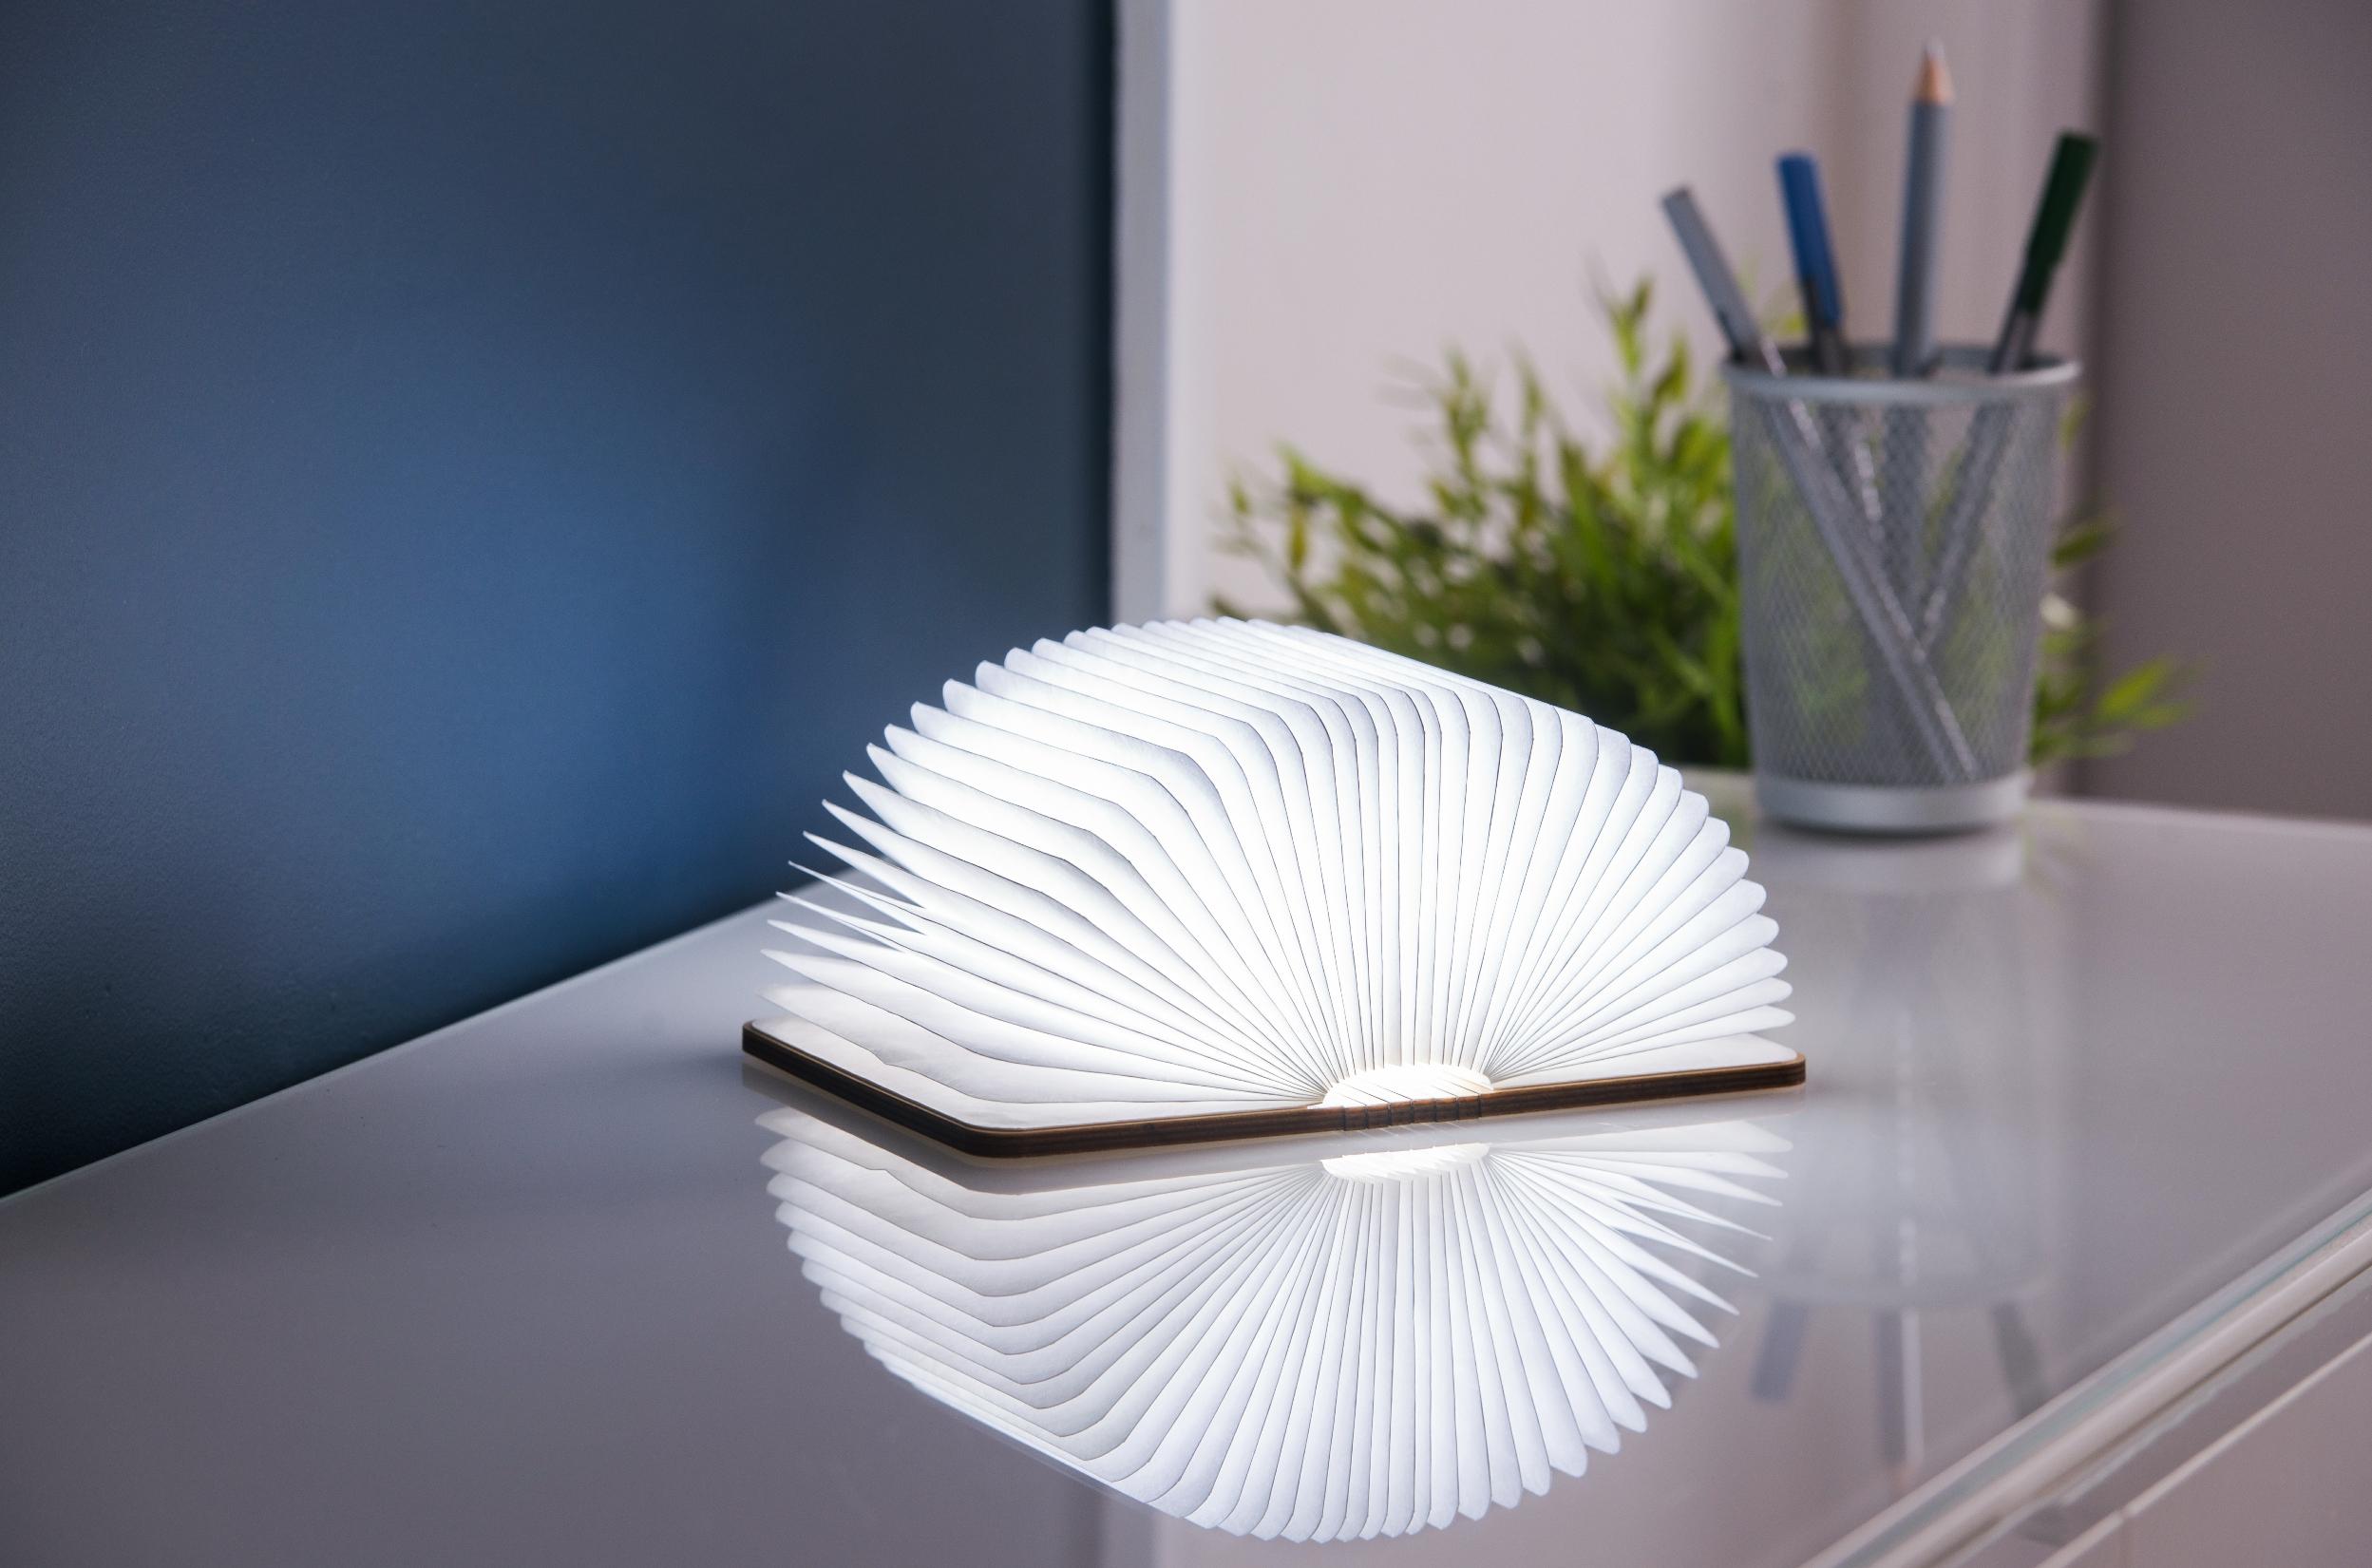 מנורת ספר בכריכת עץ